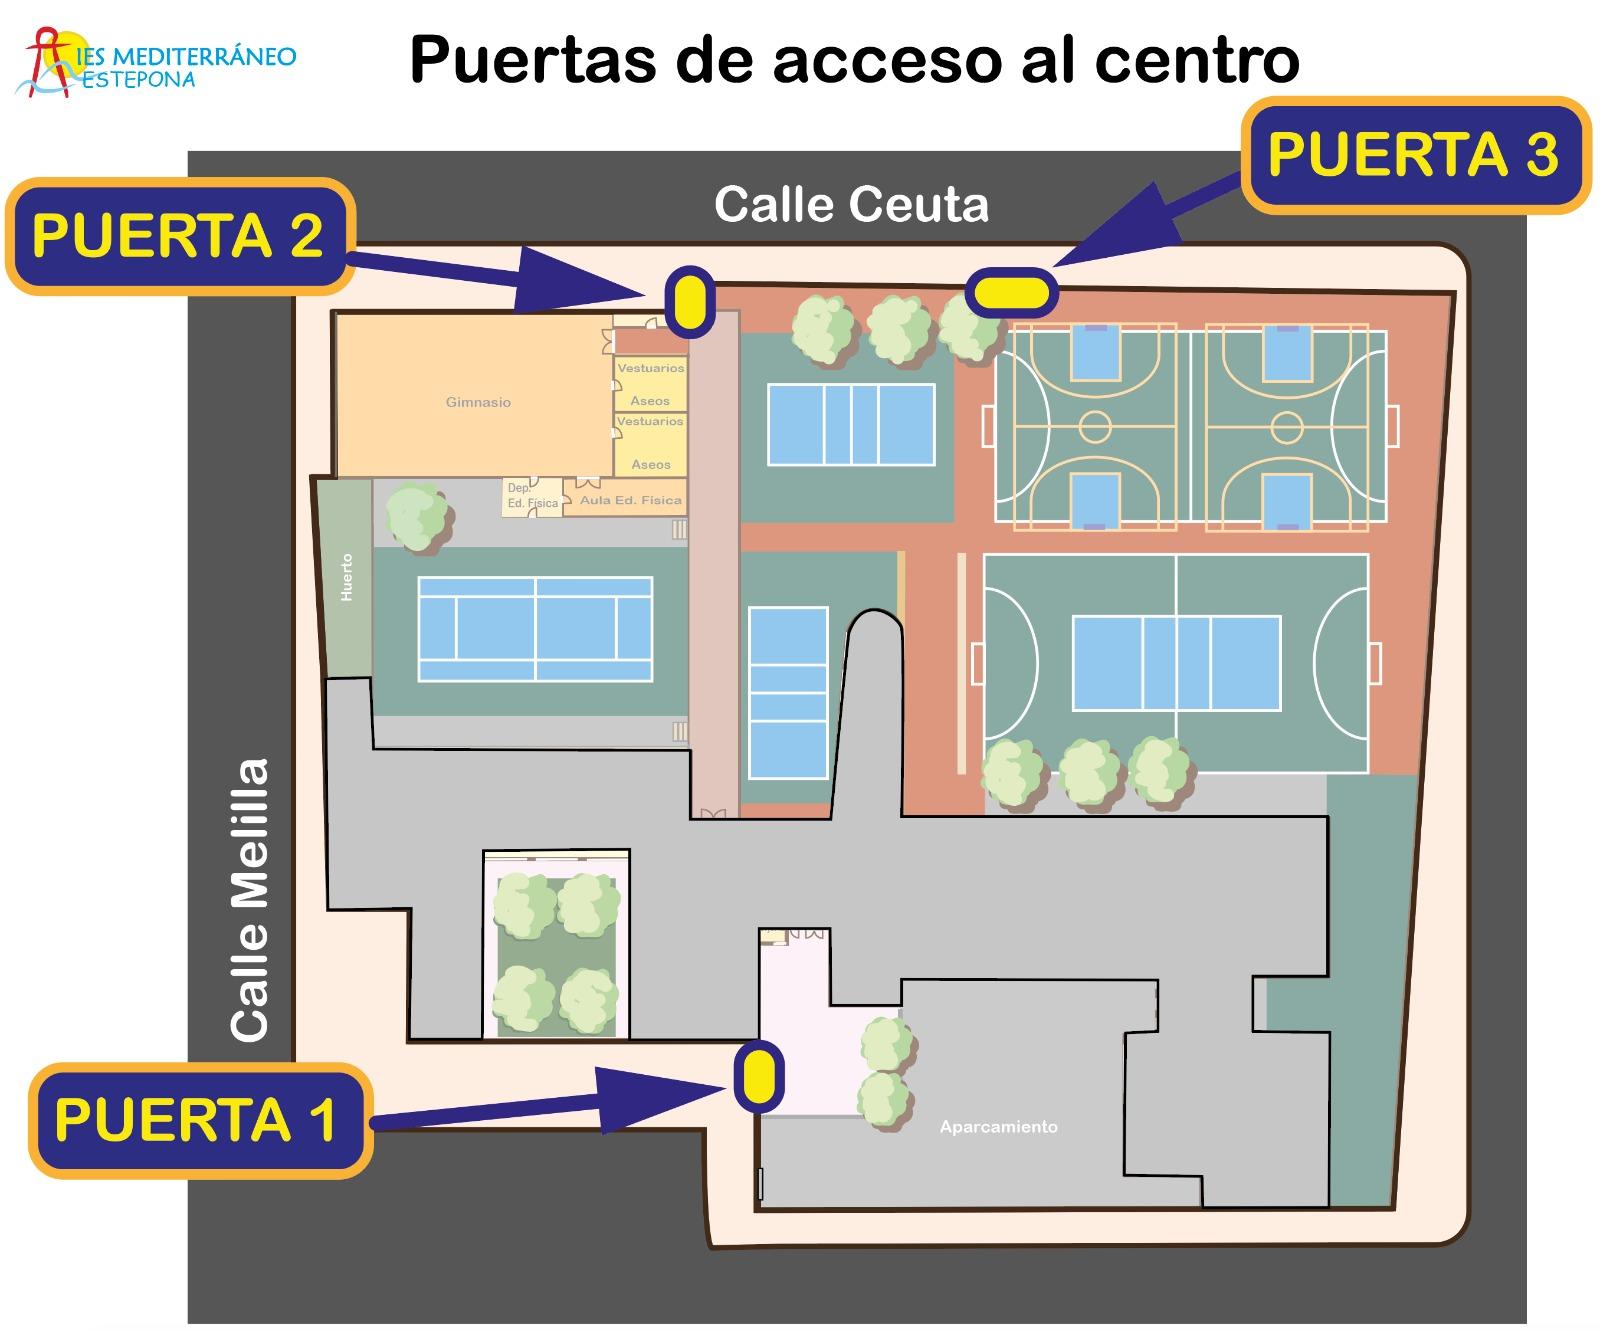 Imagen de la noticia: Horarios y puertas de entrada y salida al centro